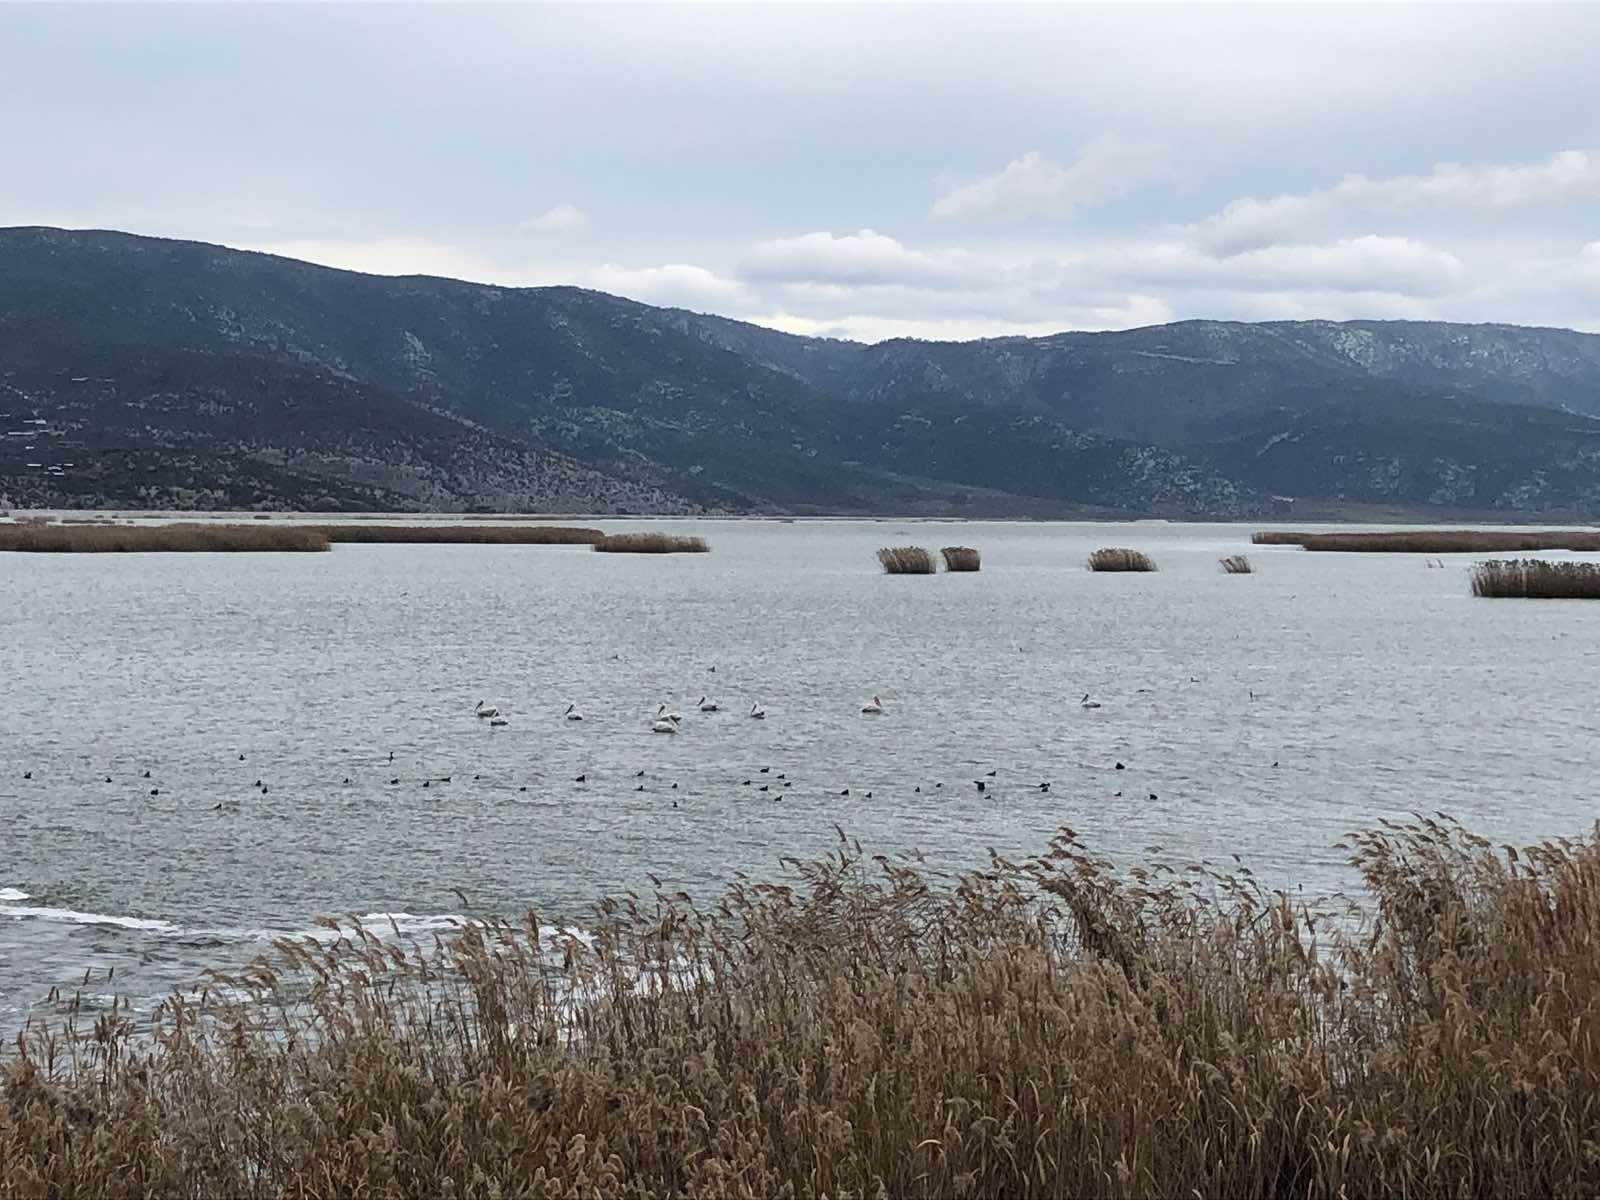 episkepsi limni karla 5 - Στη Λίμνη Κάρλα ο Σεβασμιώτατος